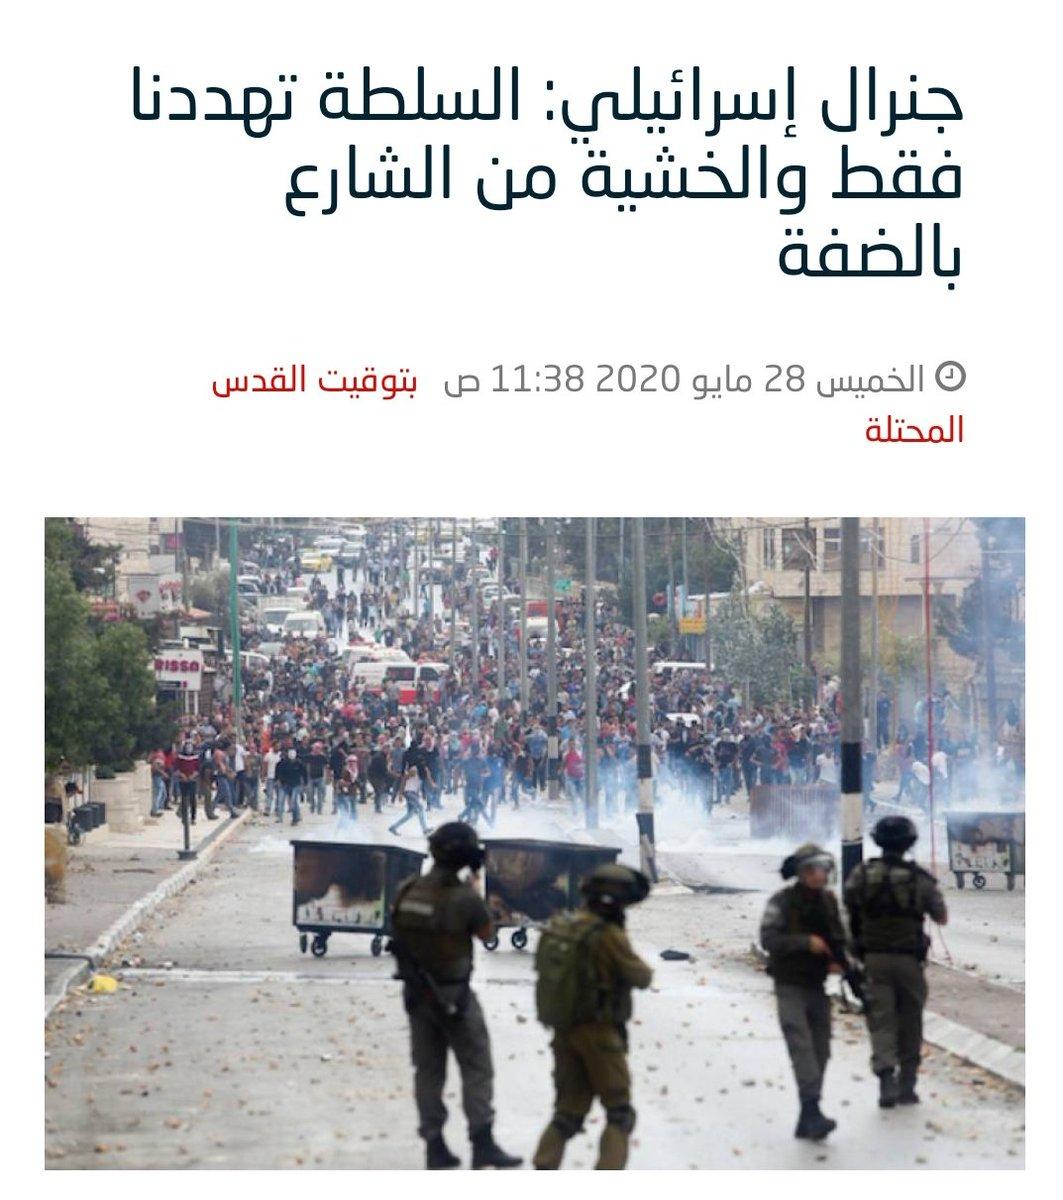 جنرال إسرائيلي: السلطة تهددنا فقط والخشية من الشارع بالضفة #ShehabAgency